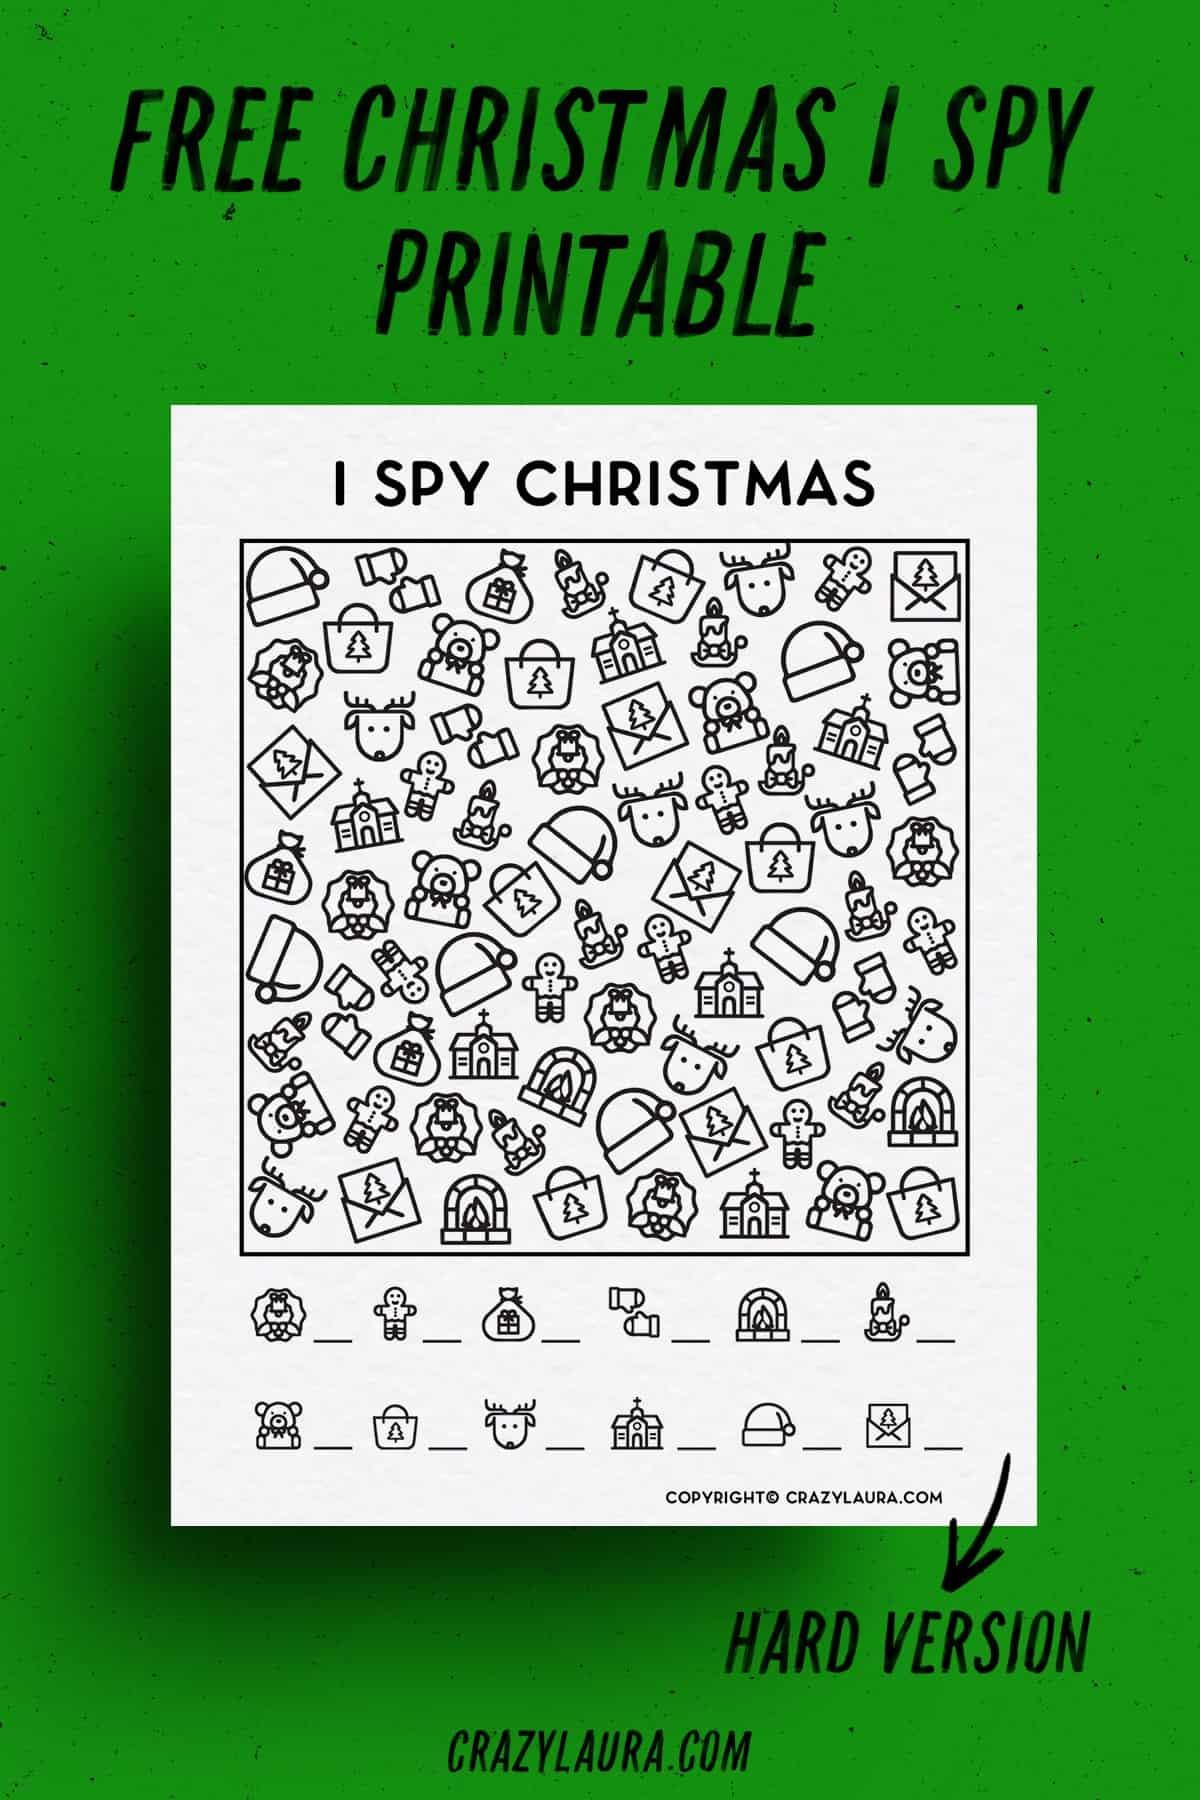 christmas themed free ispy print game